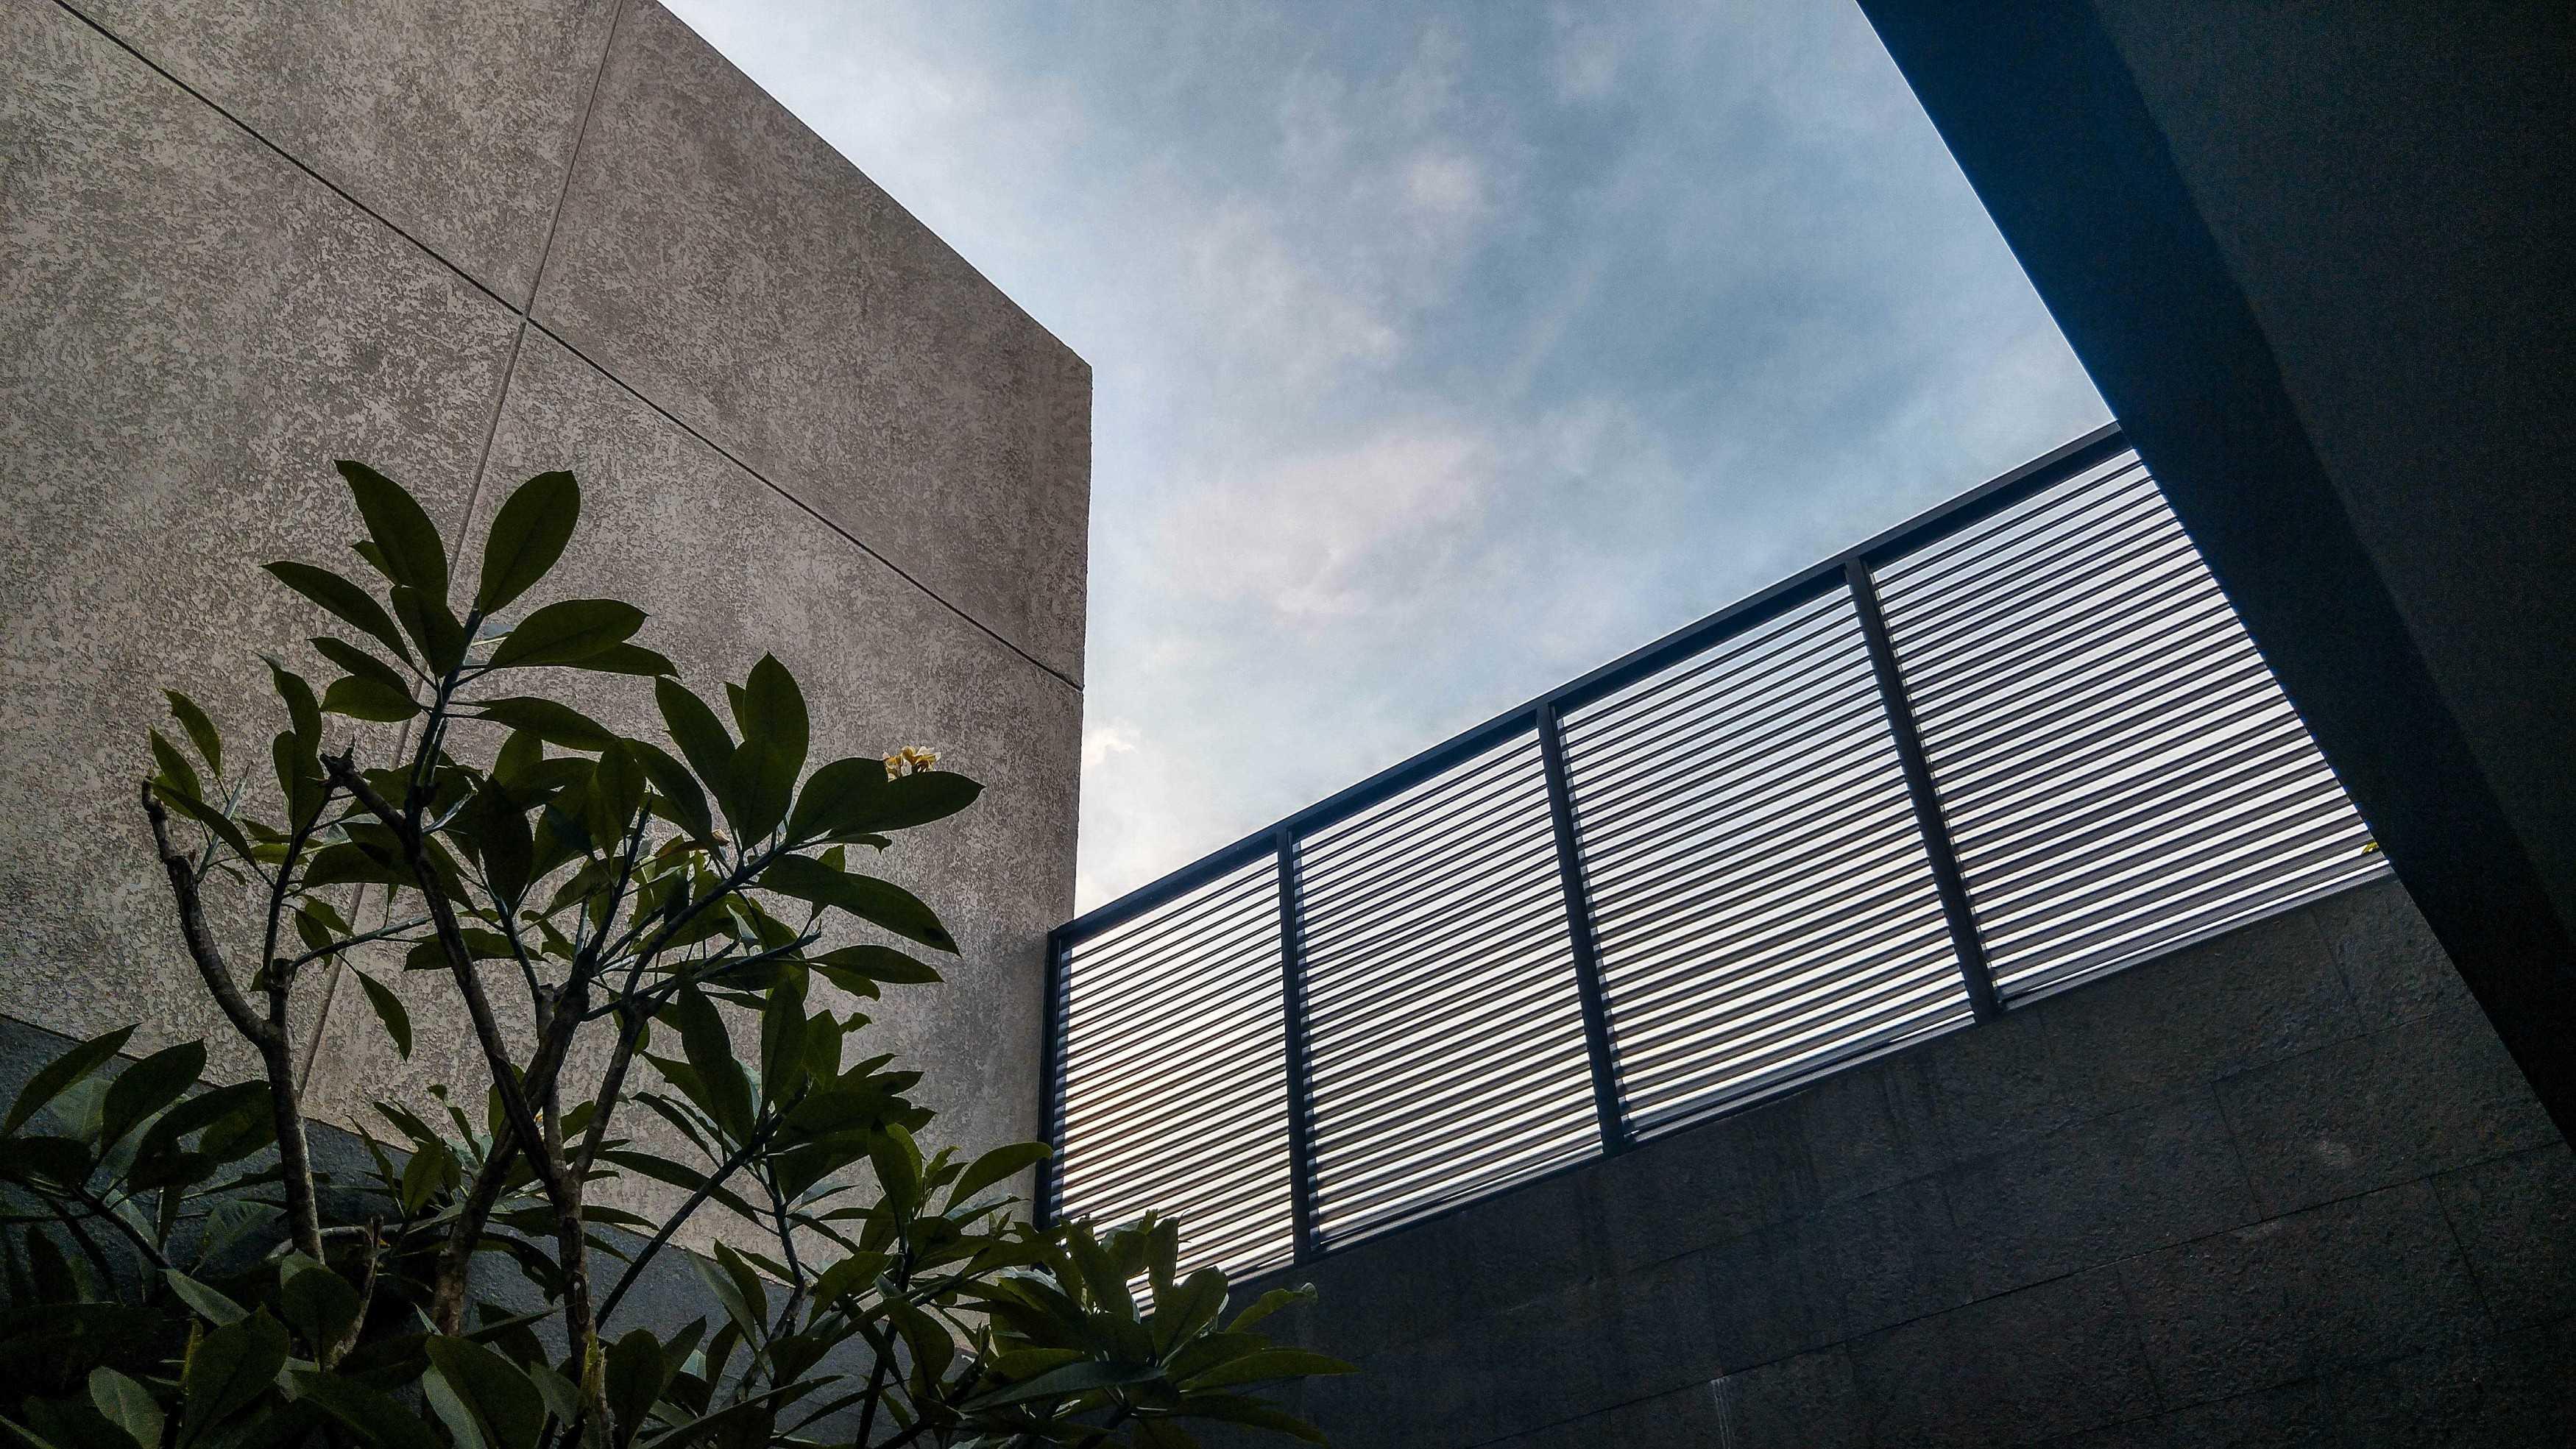 Gohte Architects Narada House Pakulonan, Kec. Serpong Utara, Kota Tangerang Selatan, Banten 15325, Indonesia Pakulonan, Kec. Serpong Utara, Kota Tangerang Selatan, Banten 15325, Indonesia Gohte-Architects-Narada-House   96625